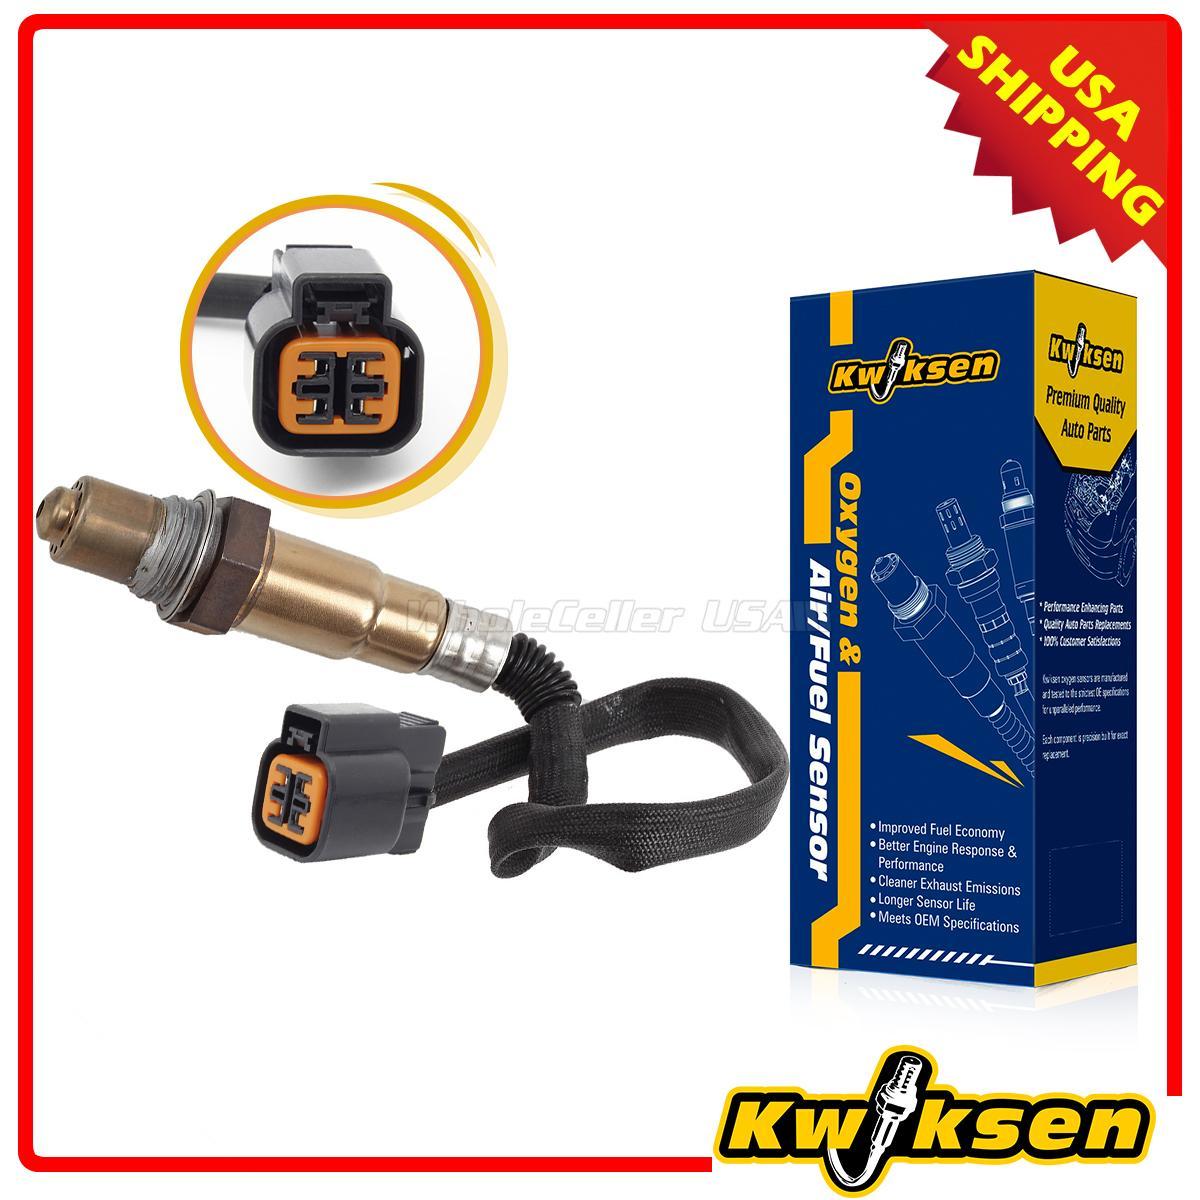 Downstream Oxygen Sensor 2 Fit 01 12 Hyundai Elantra L4 20l Tucson O2 Wiring Diagram 3921022620